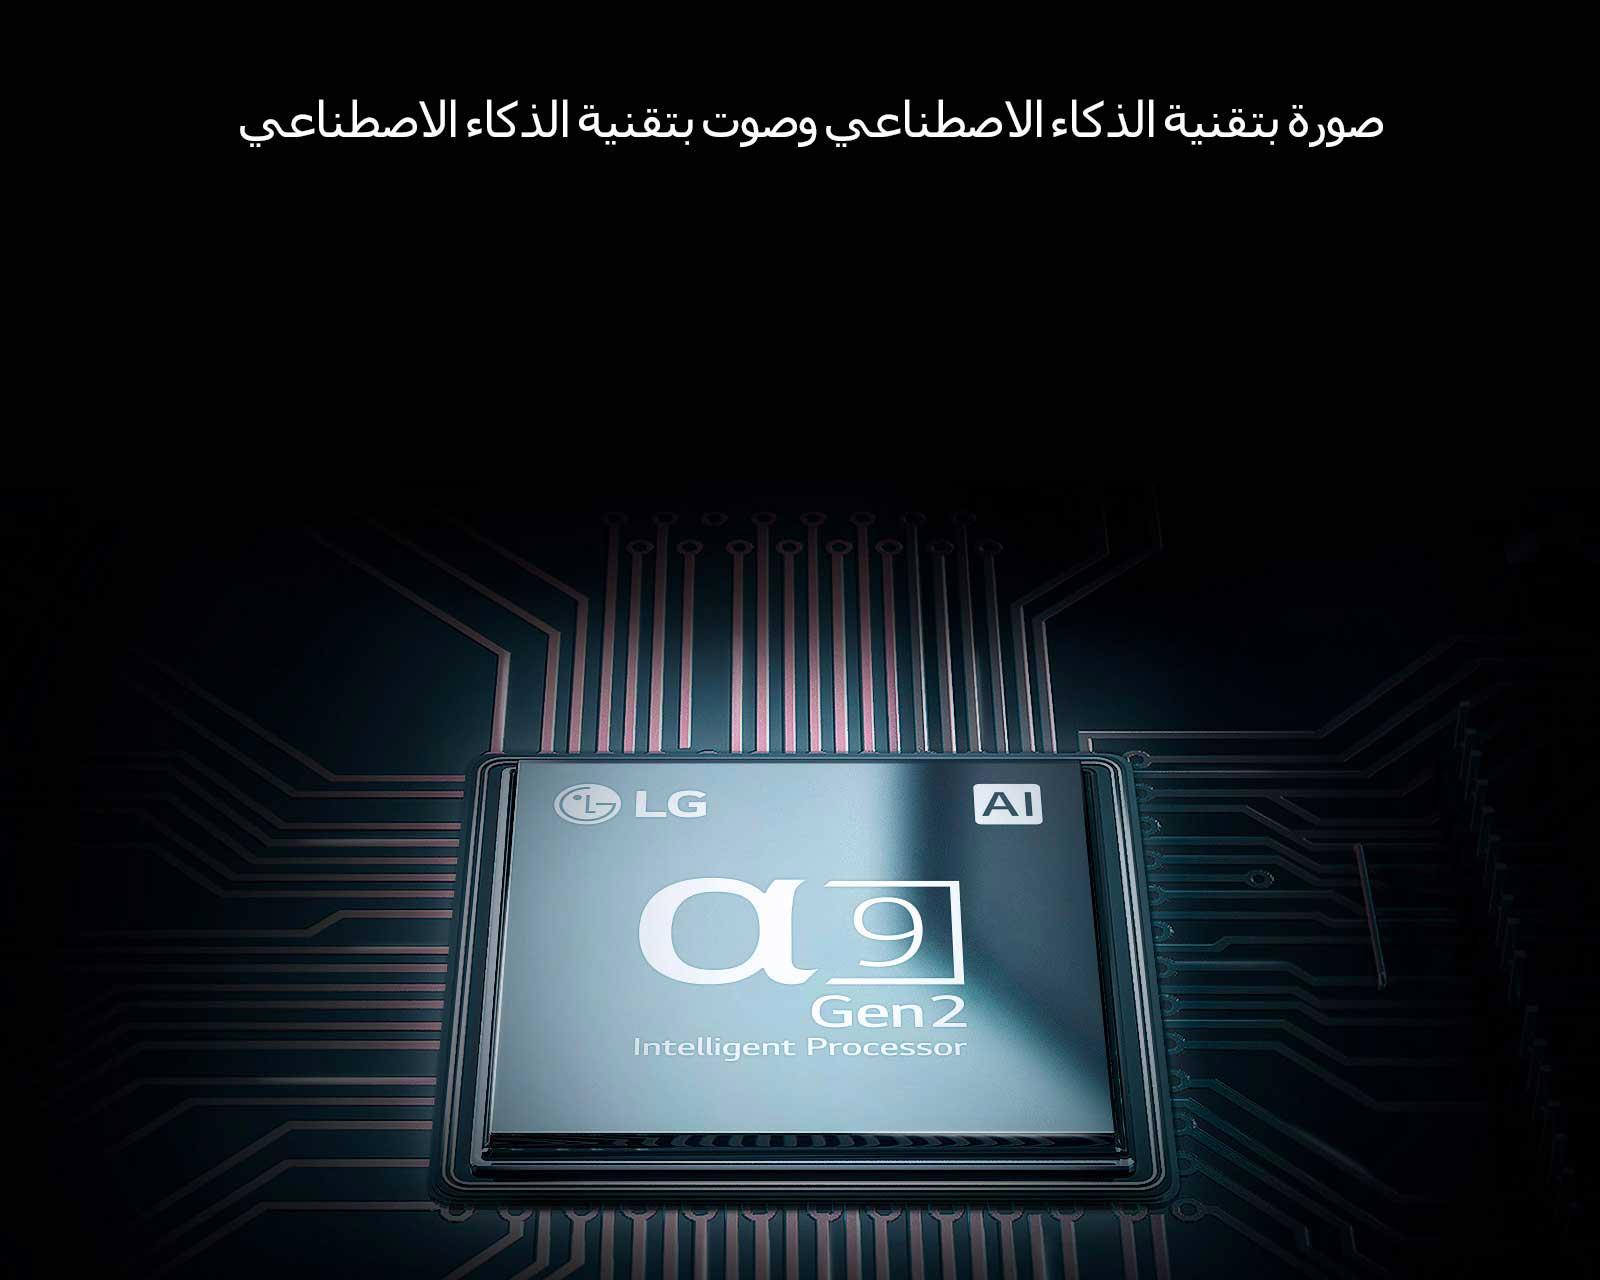 TV-OLED-C9-01-Alpha9-Gen-2-Desktop_VV01